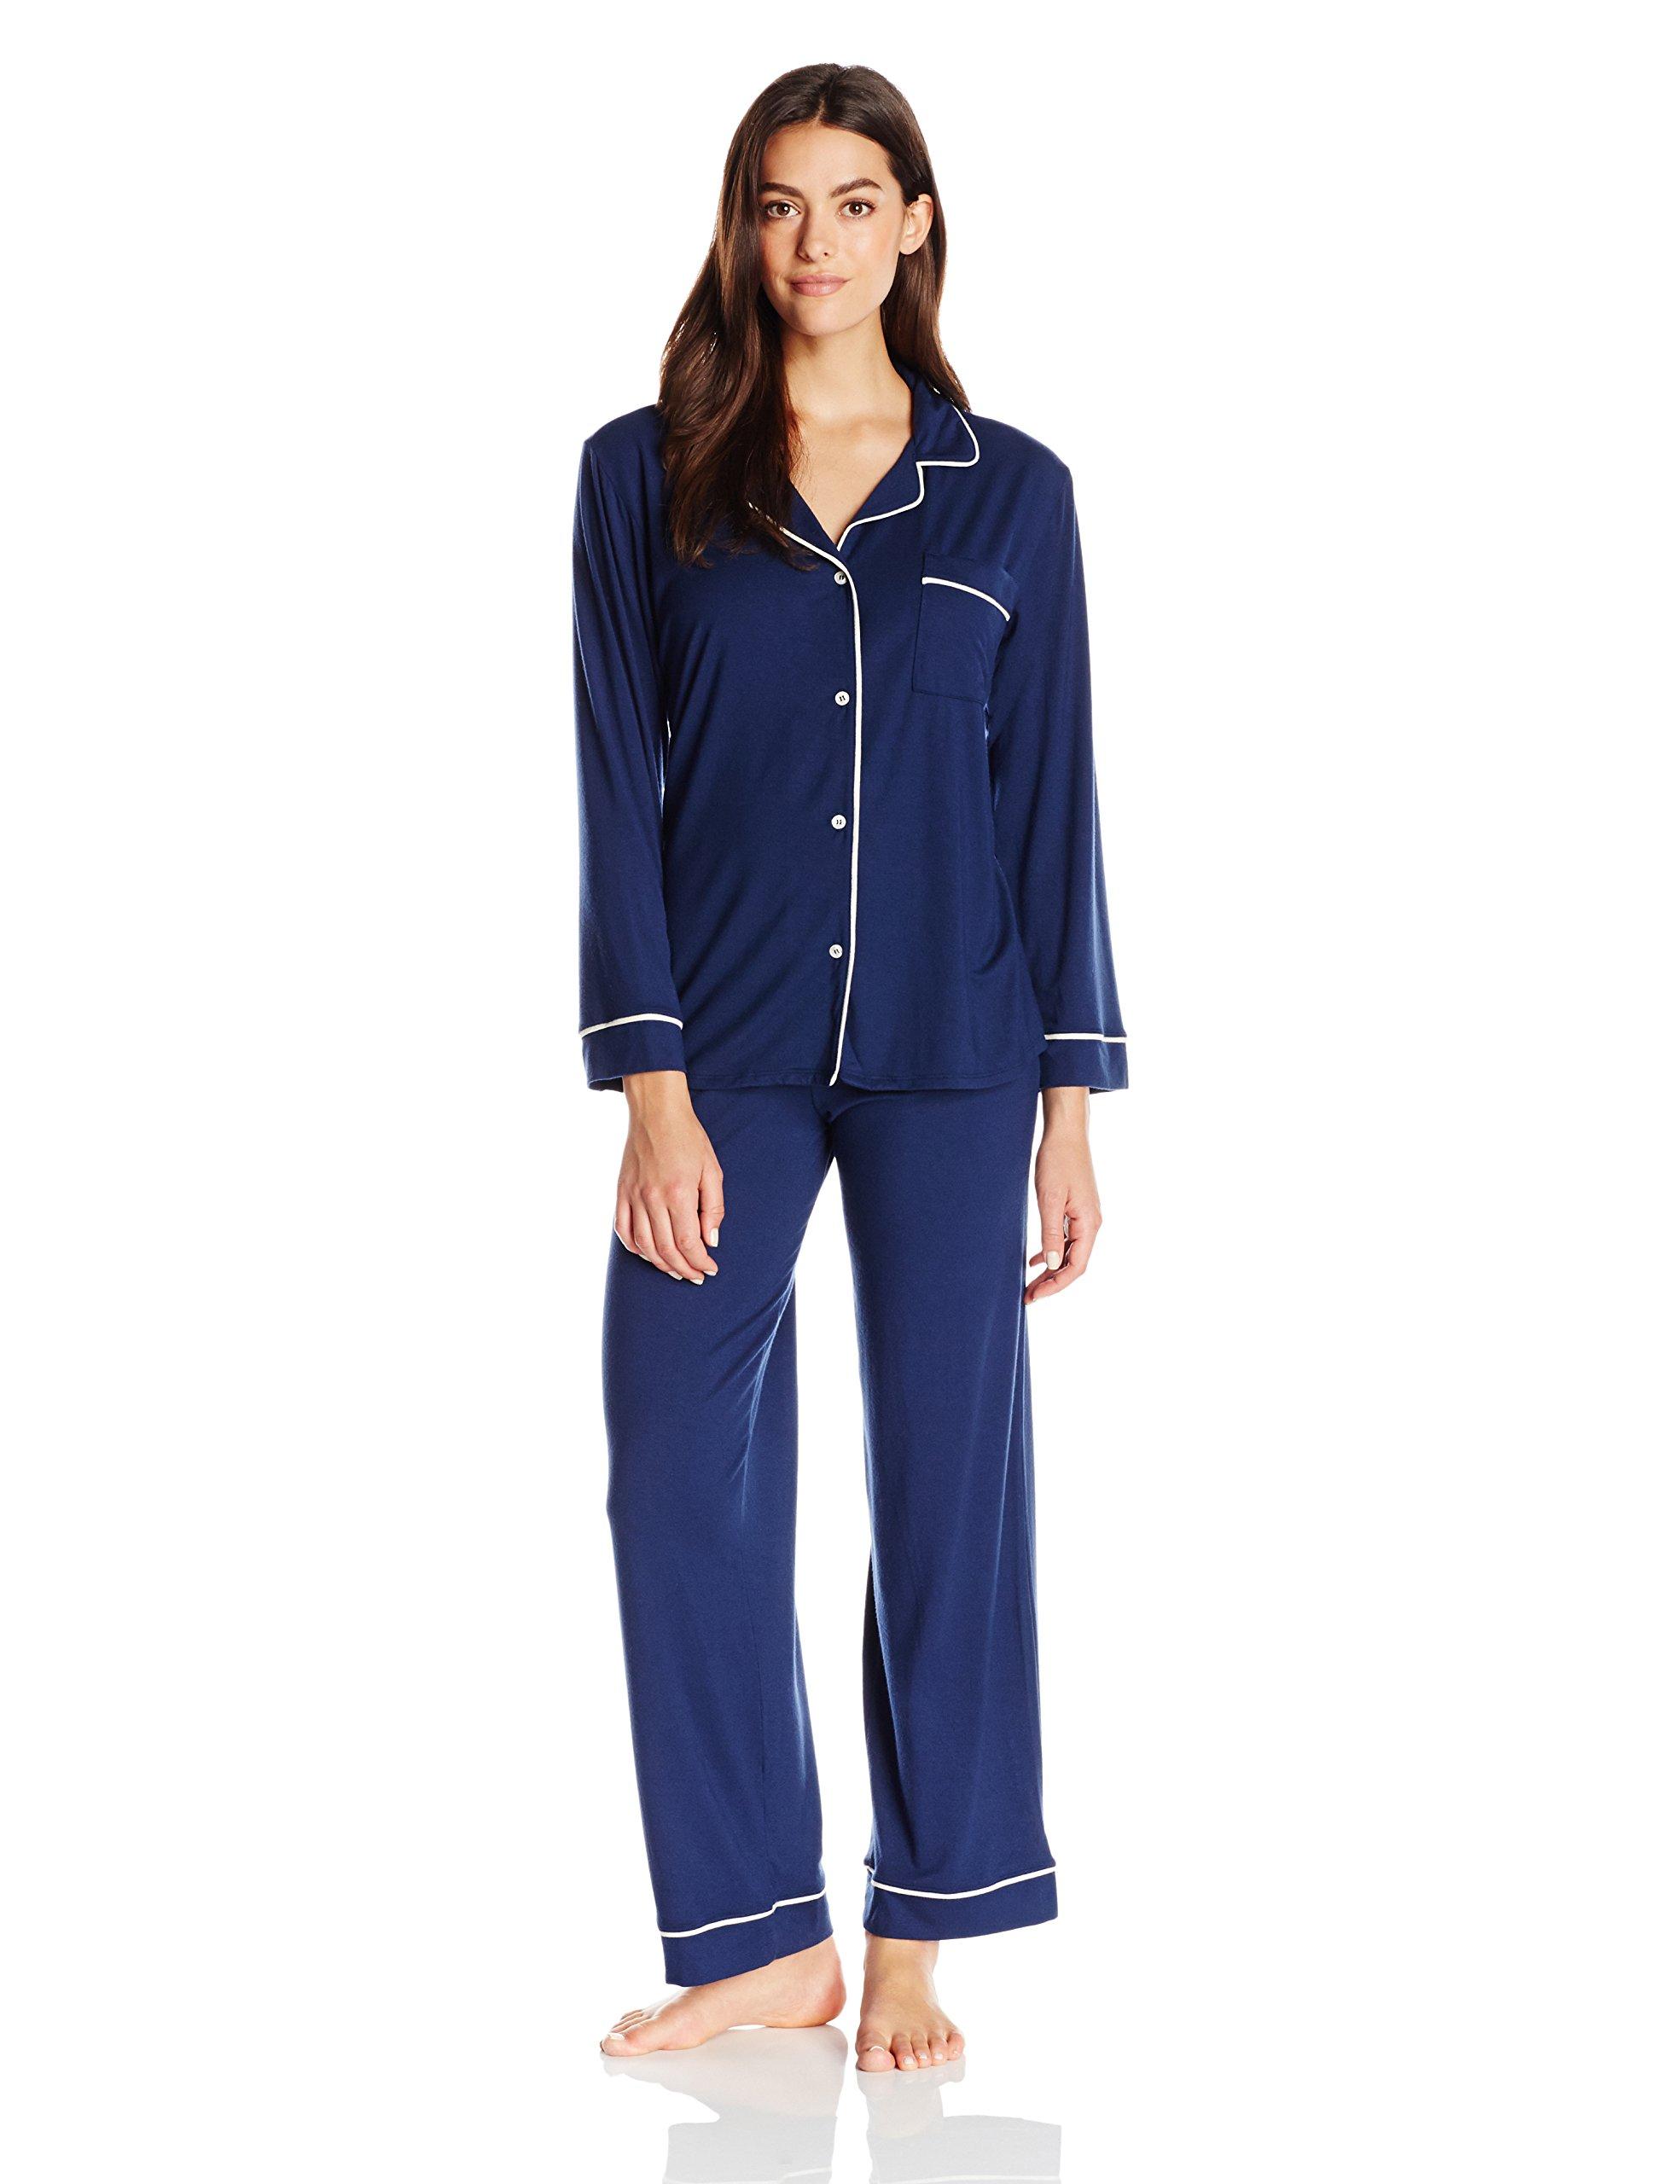 eberjey Women's Gisele Pajama, Navy/Ivory, Large